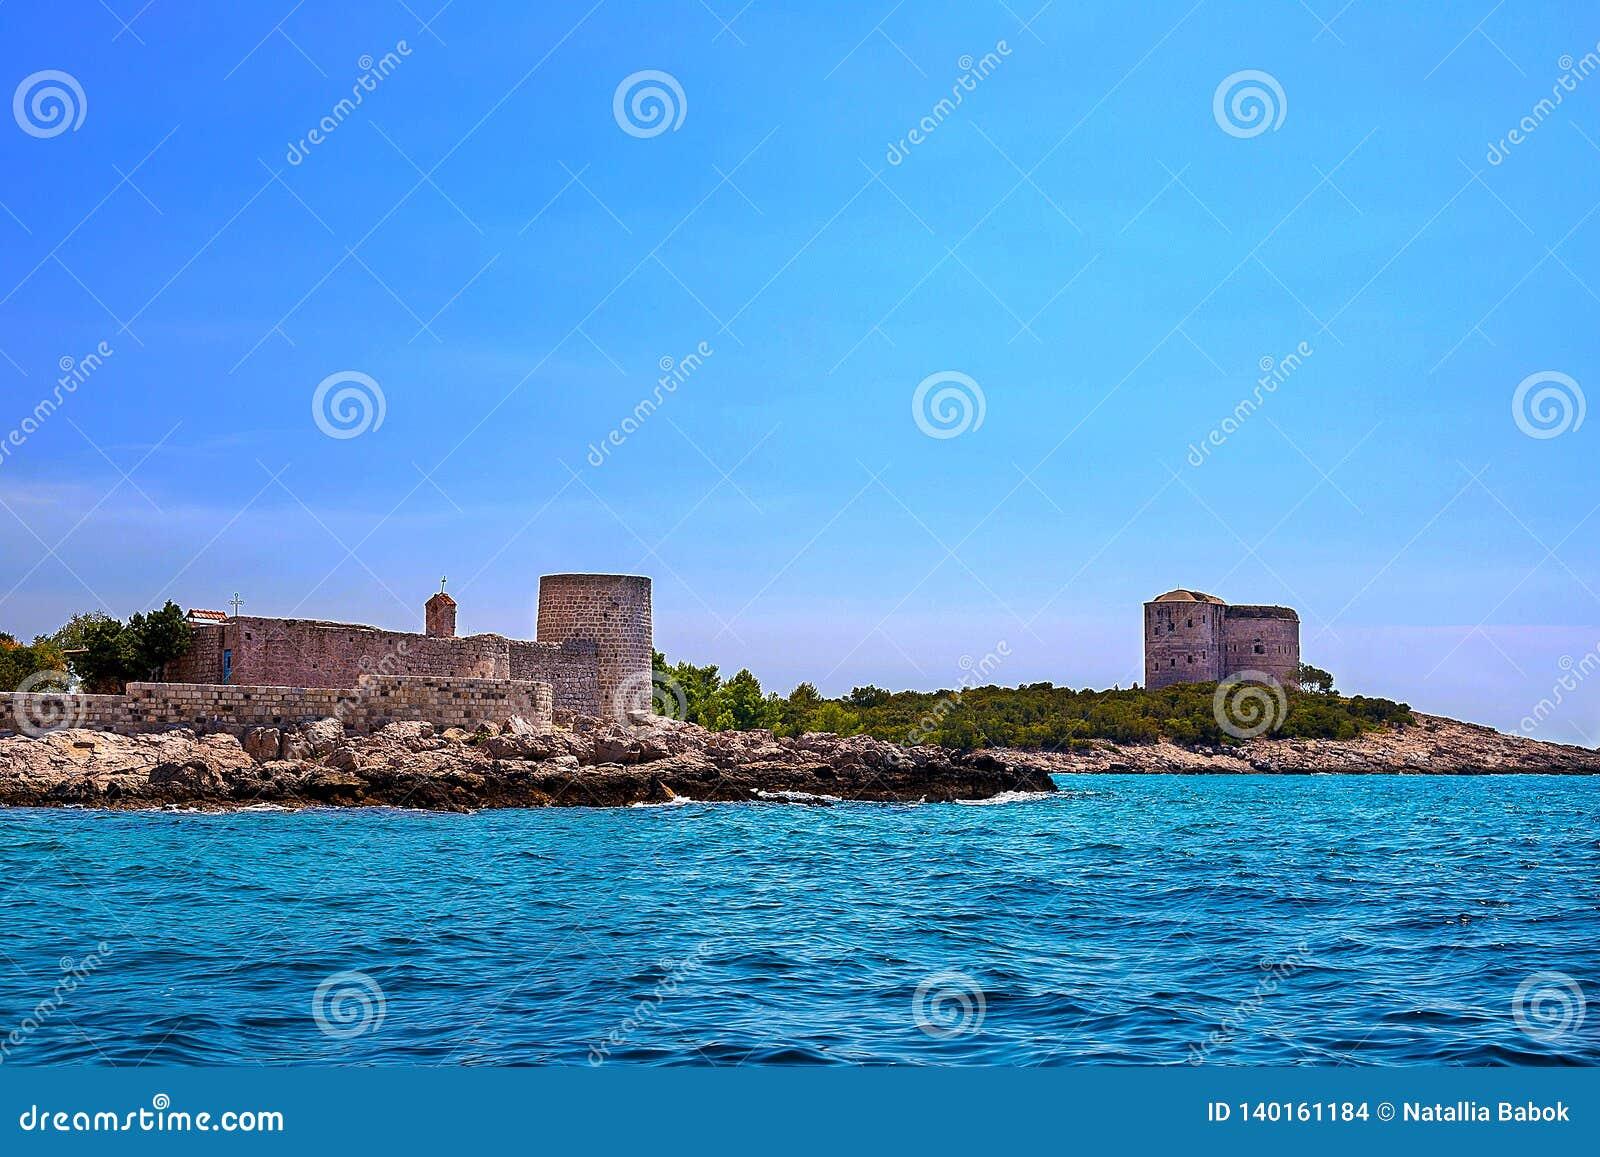 Paisaje marino increíble Torre vieja en una orilla rocosa por el mar, bahía de Boka-Kotor,